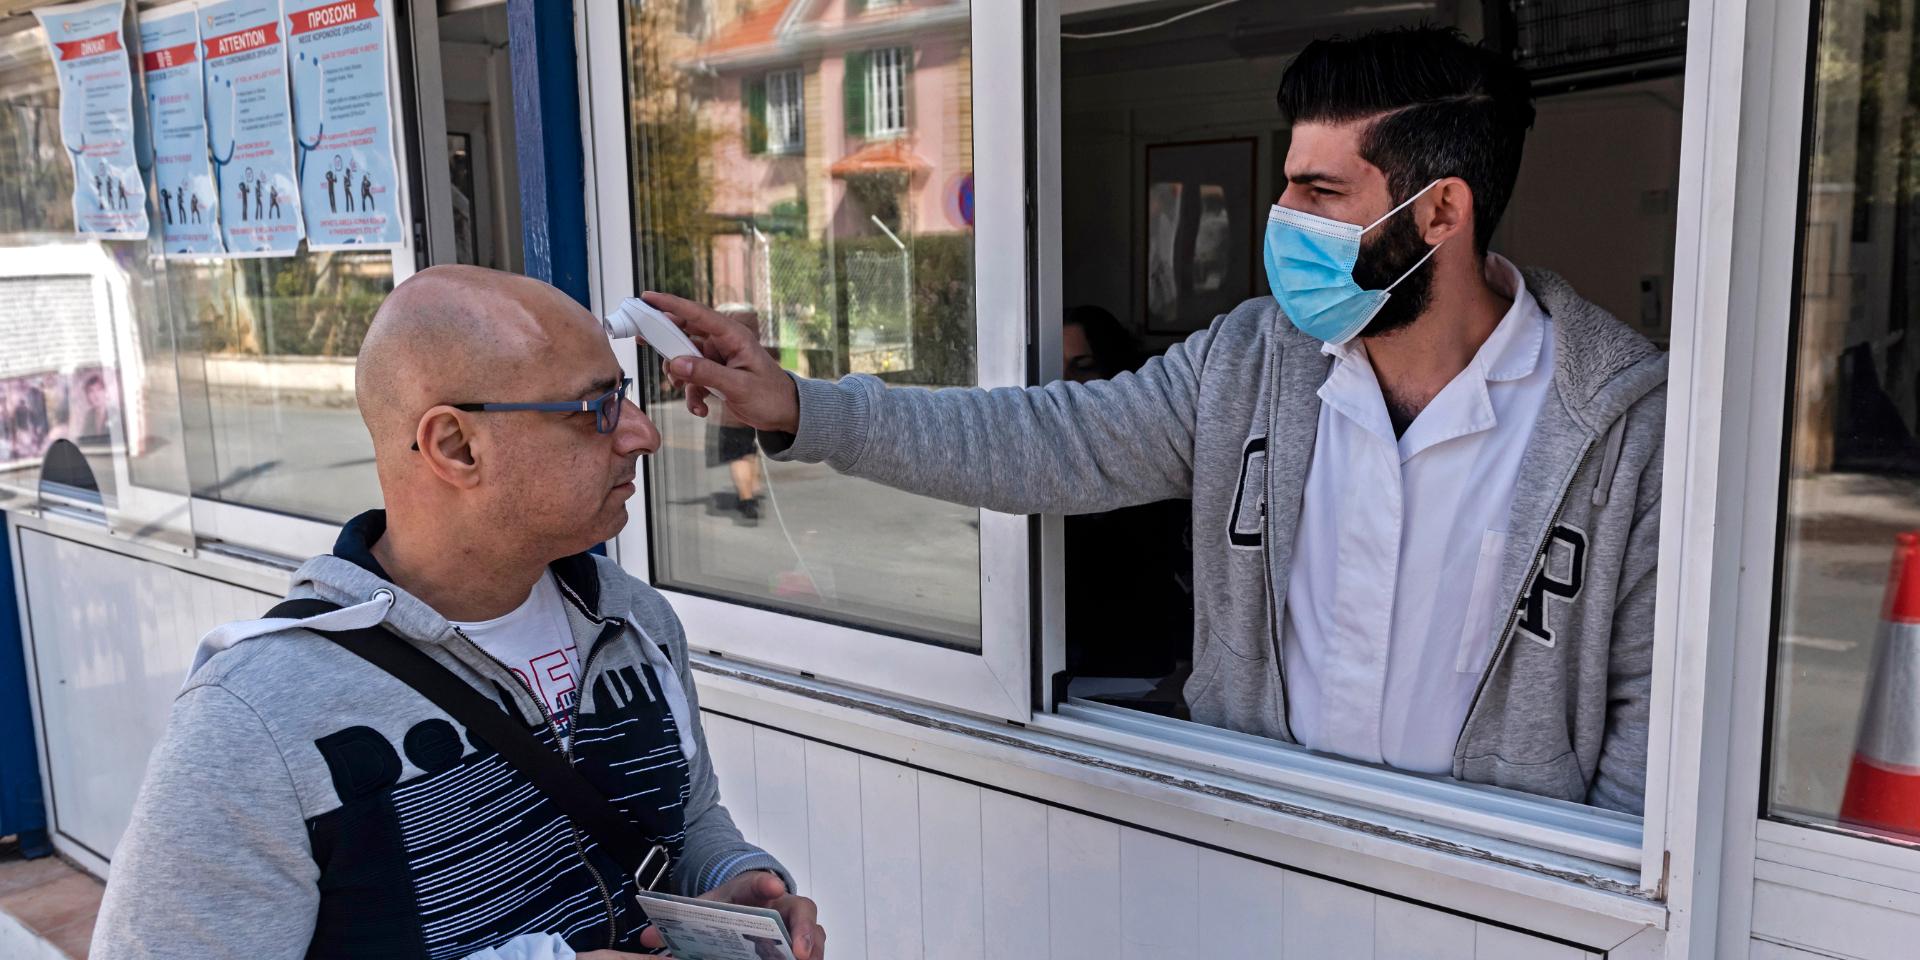 Coronavirus : tous les pays de l'Union européenne sont désormais touchés par l'épidémie